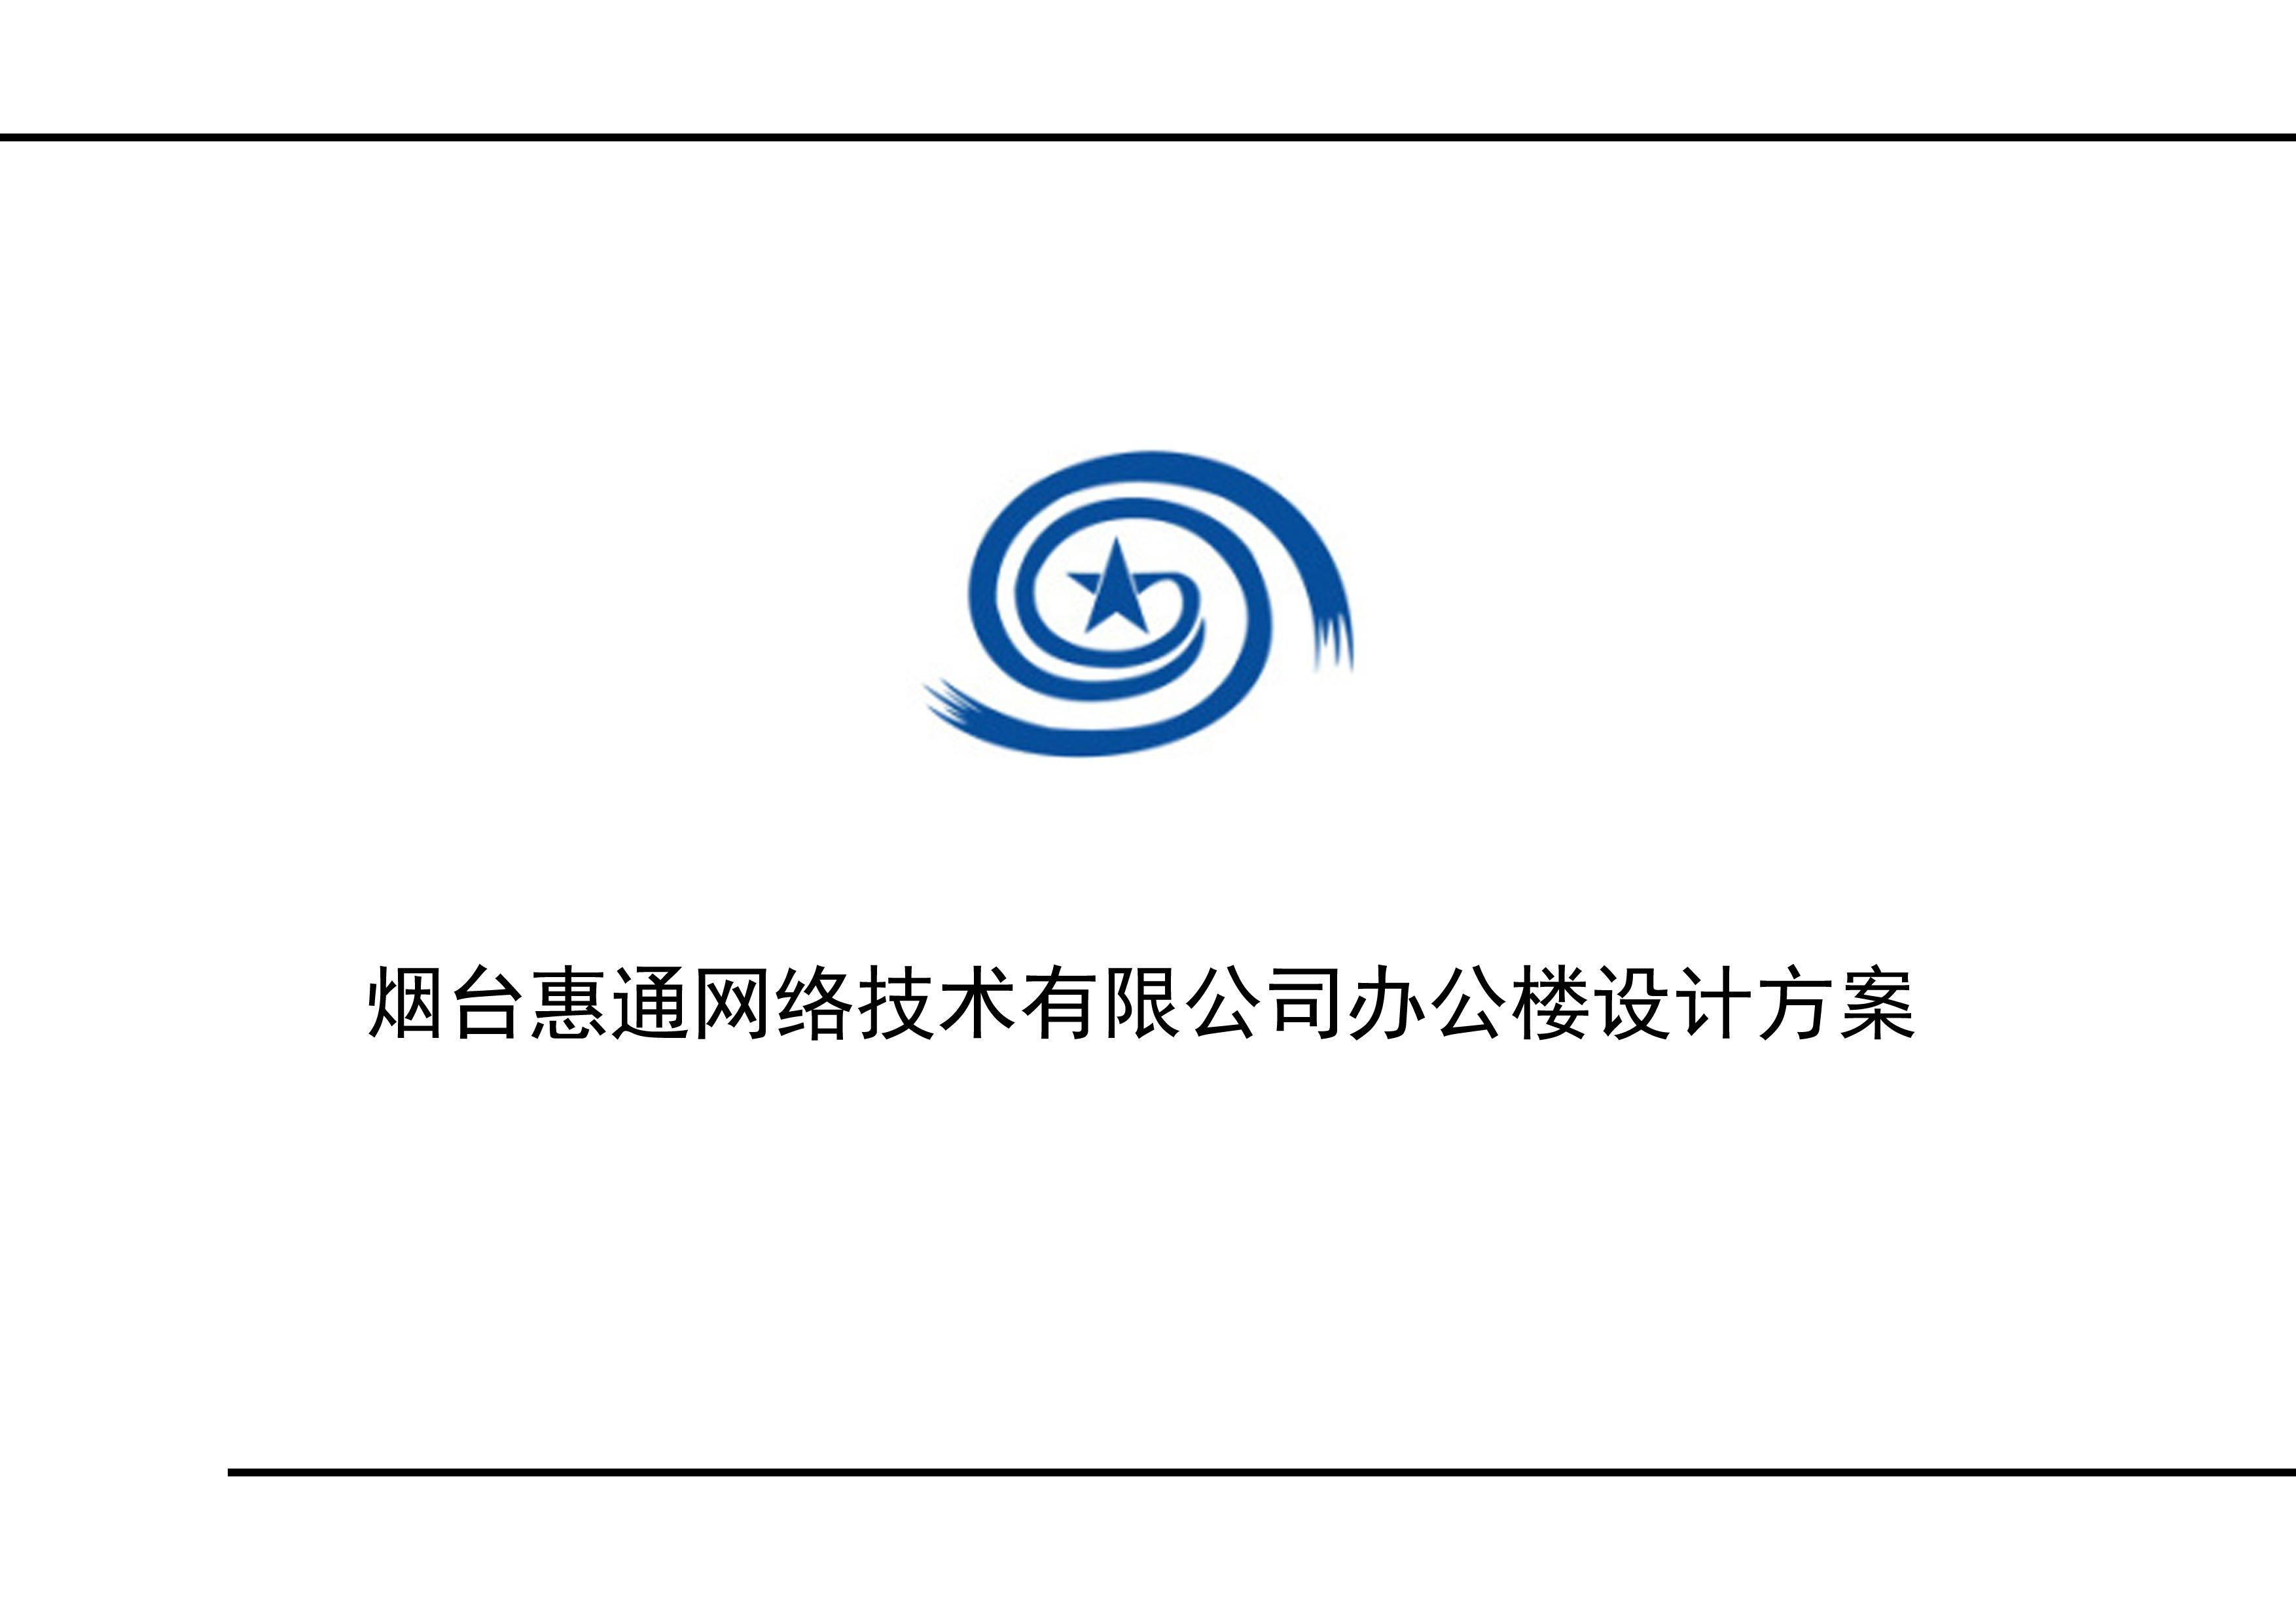 惠通网络科技有限公司办公楼设计说明